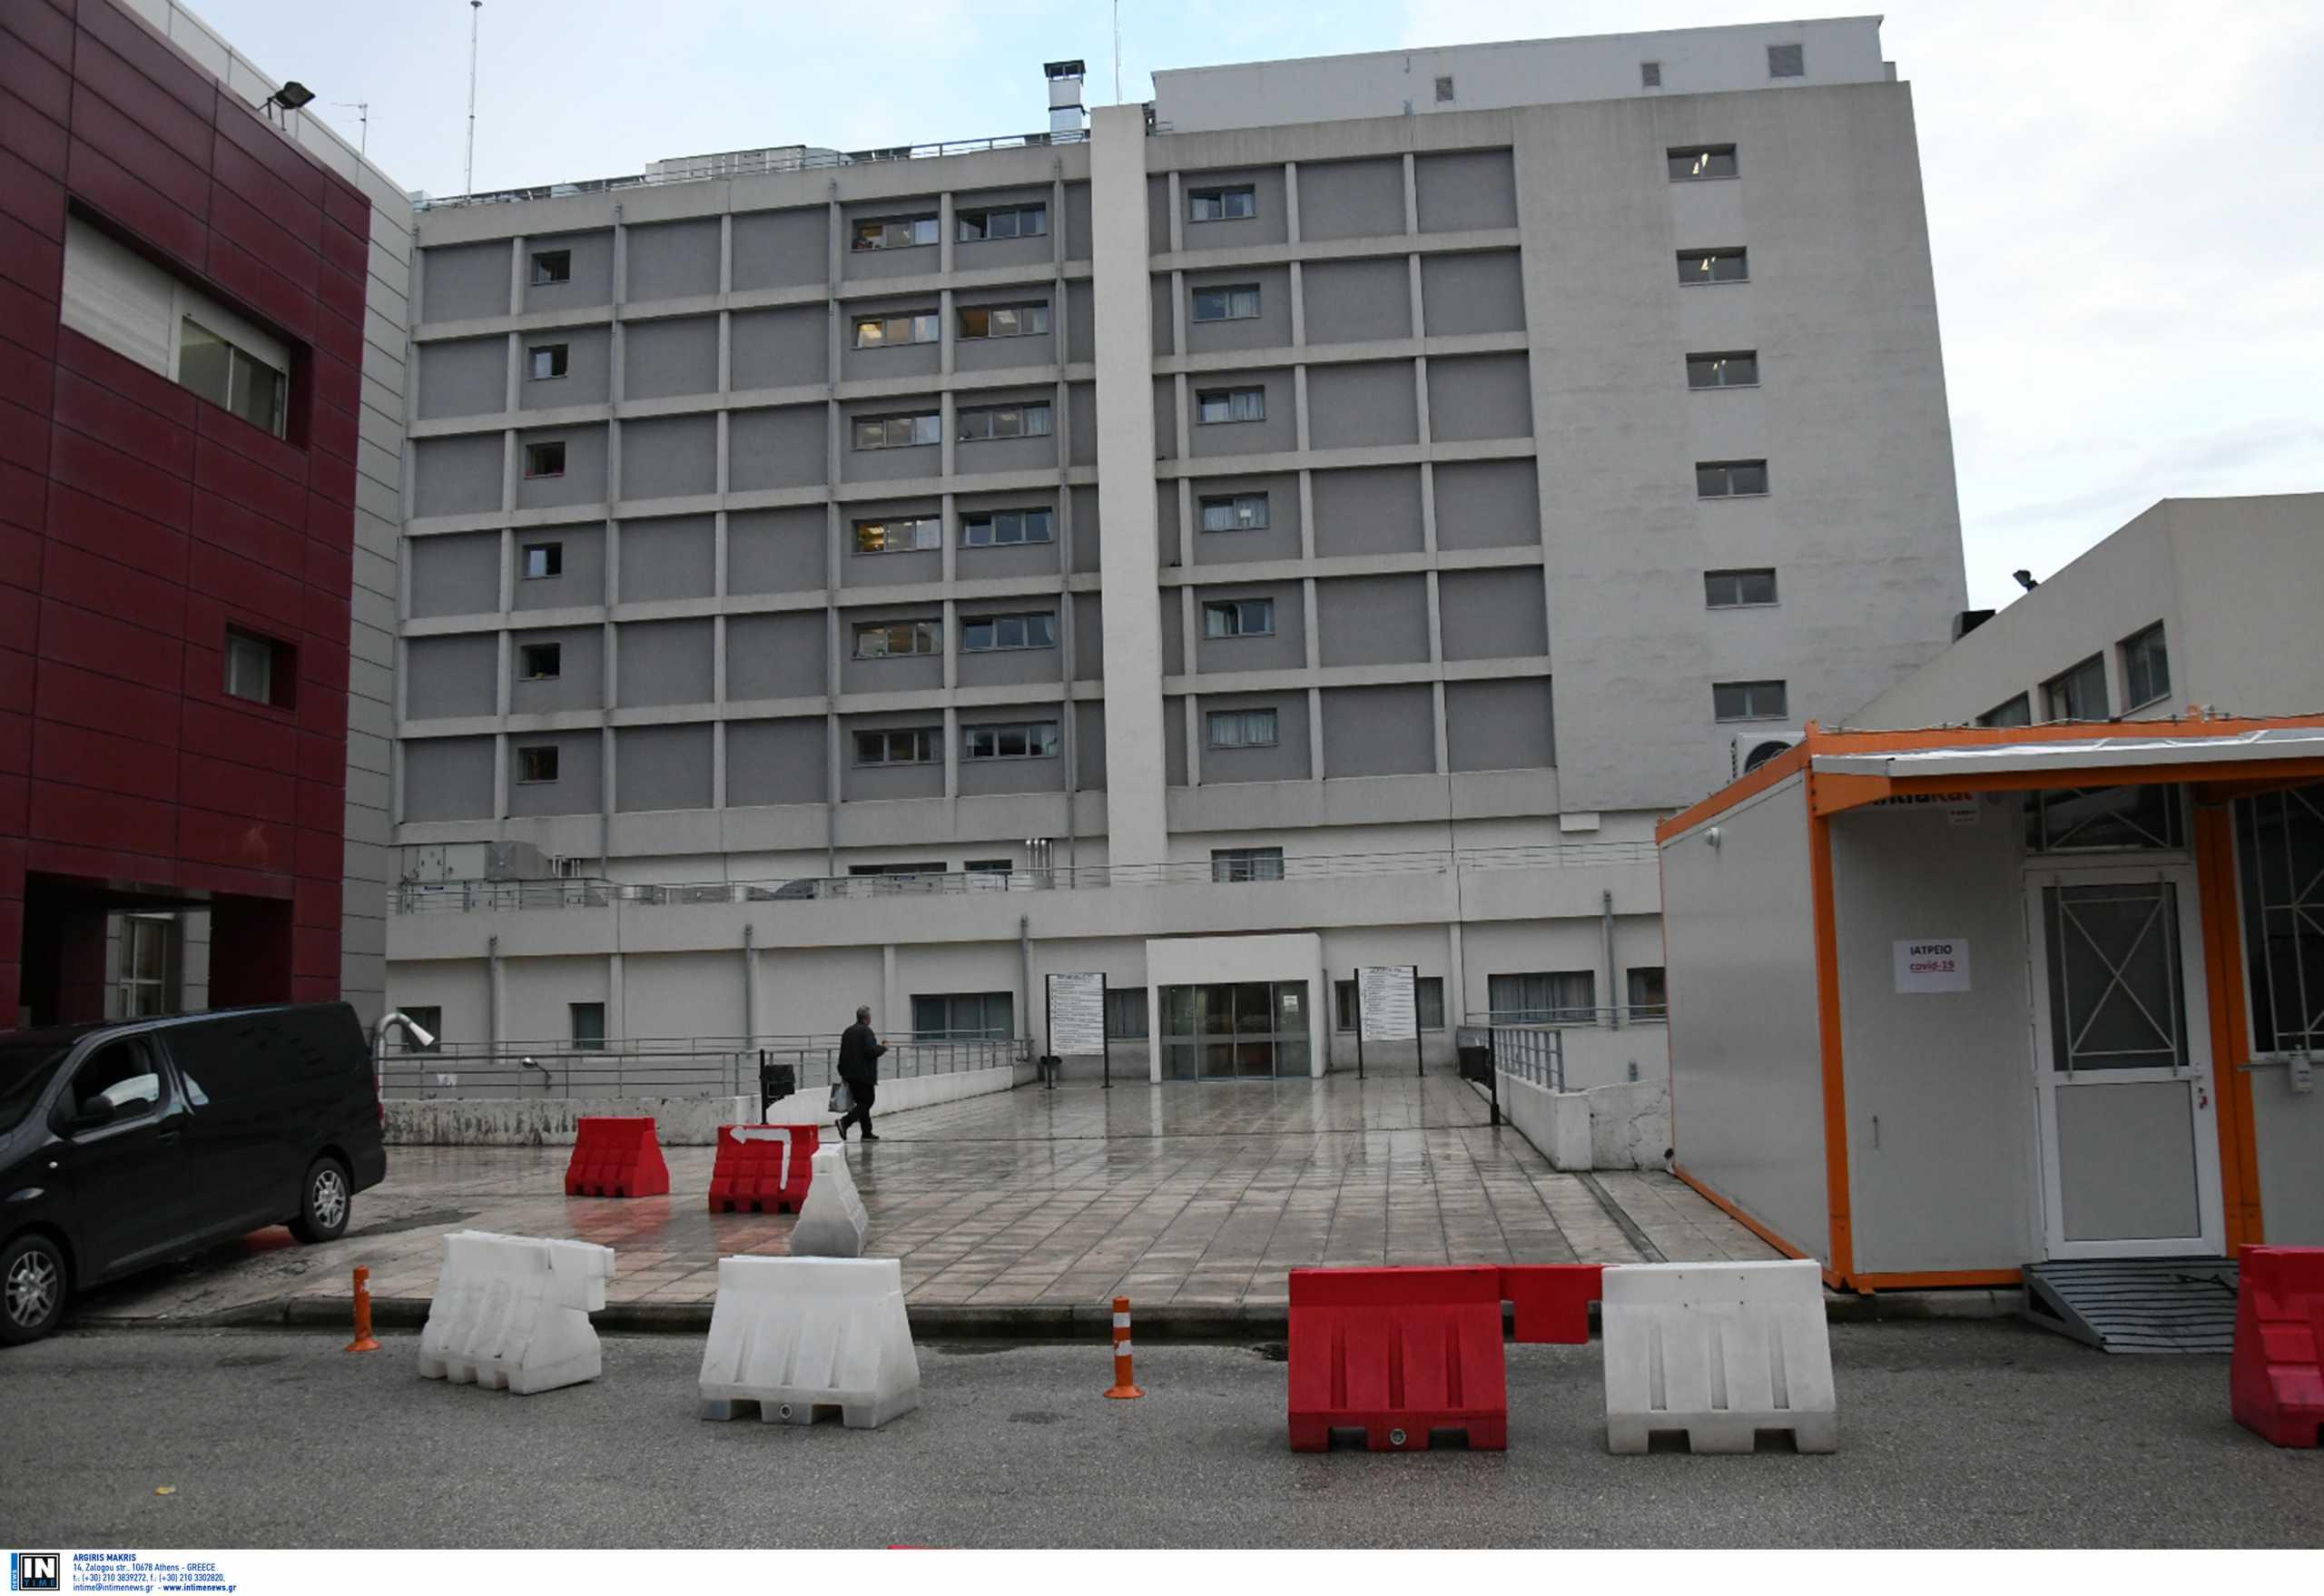 Πάτρα: Καταλήψεις στα νοσοκομεία του Ρίου και στο «Άγιος Ανδρέας» για τους υποχρεωτικούς εμβολιασμούς